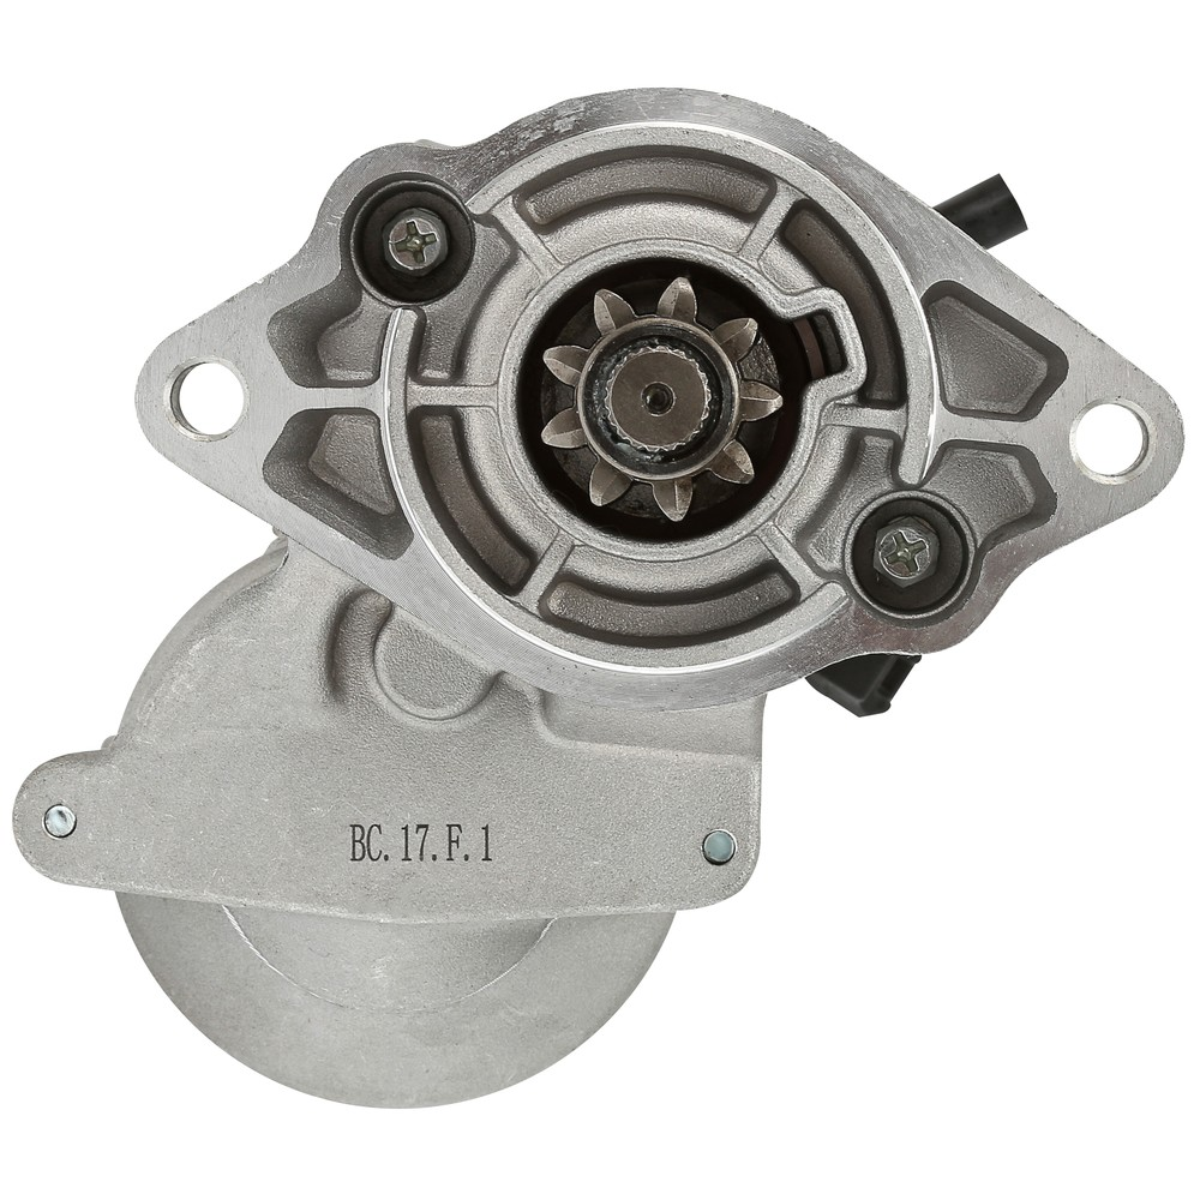 Starter Motor Kubota D902 D905 D1105 V1505 St18419n Ikh Wiring Diagram